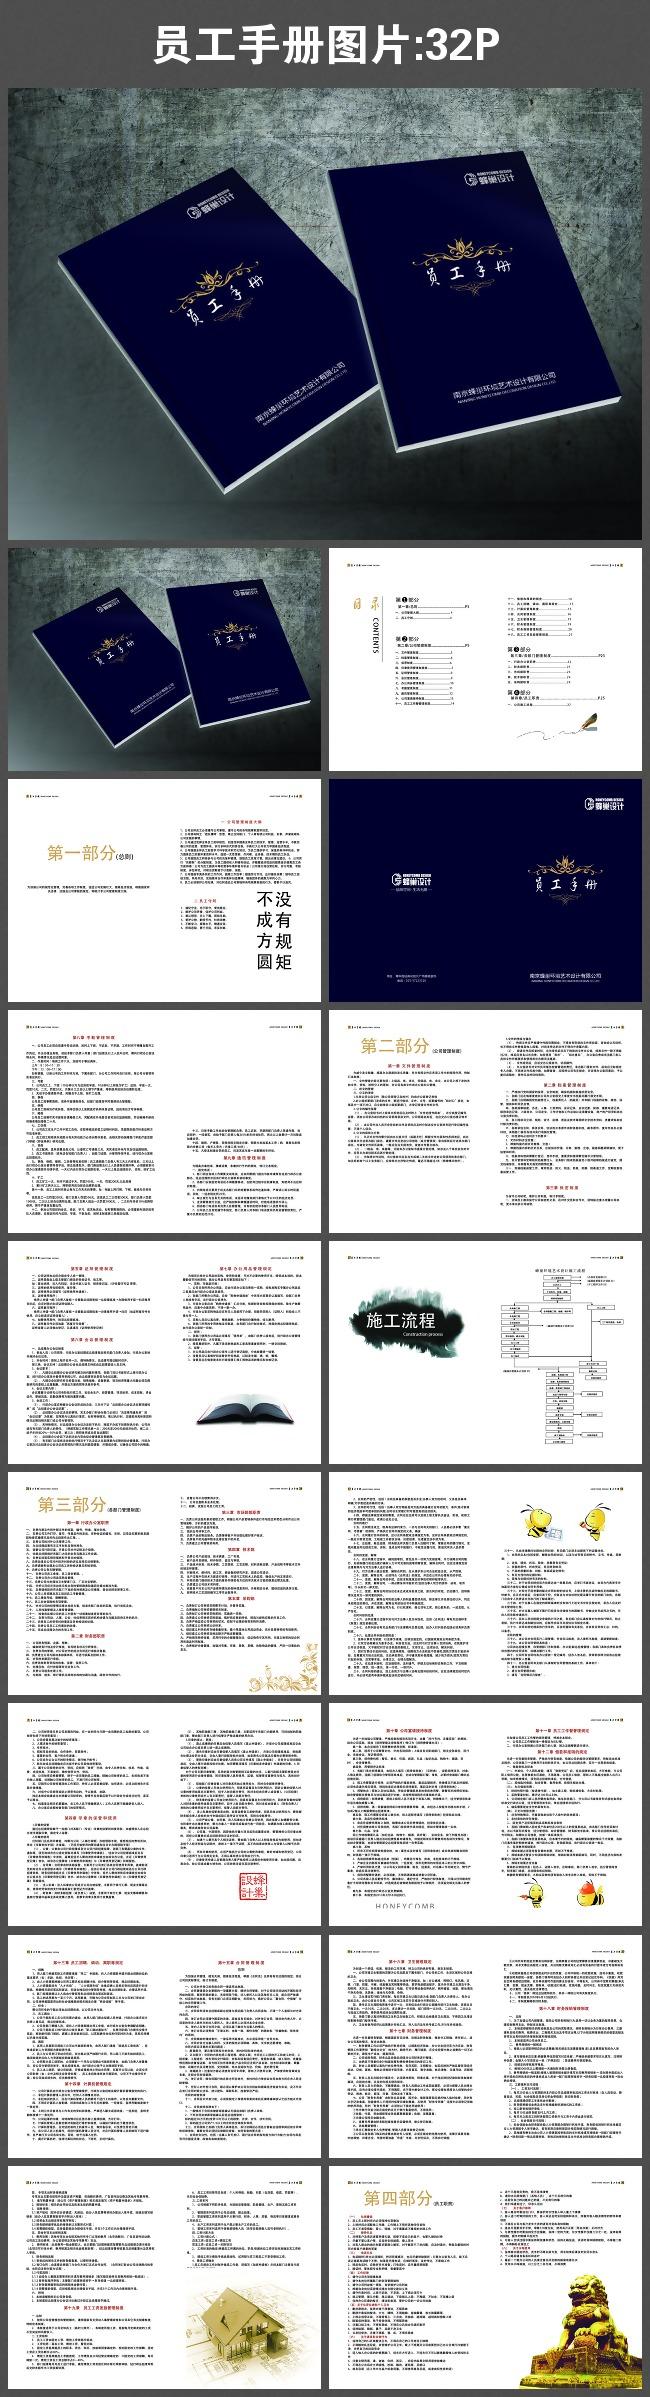 员工手册图片图片下载 员工手册矢量素材 员工手册模板下载